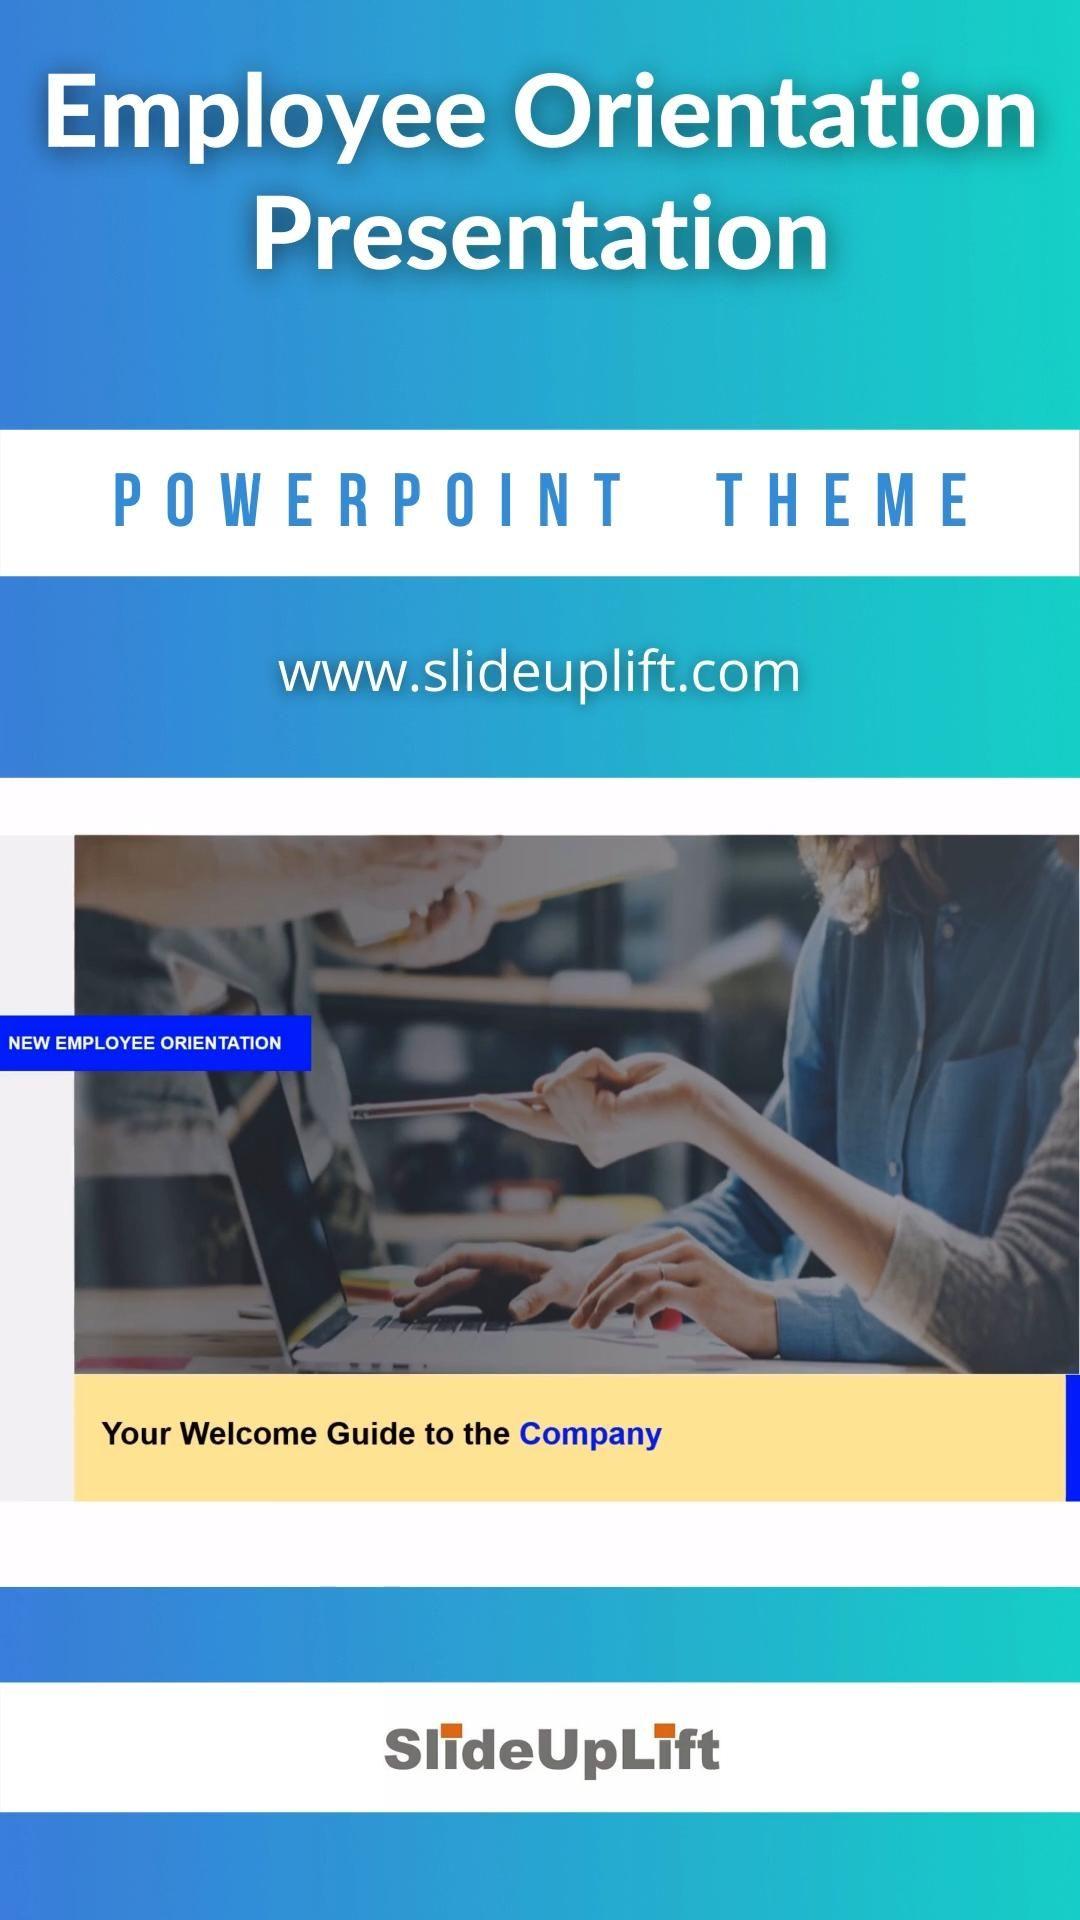 Employee Orientation Powerpoint Presentation Video Powerpoint Presentation Powerpoint Presentation New employee orientation powerpoint presentation